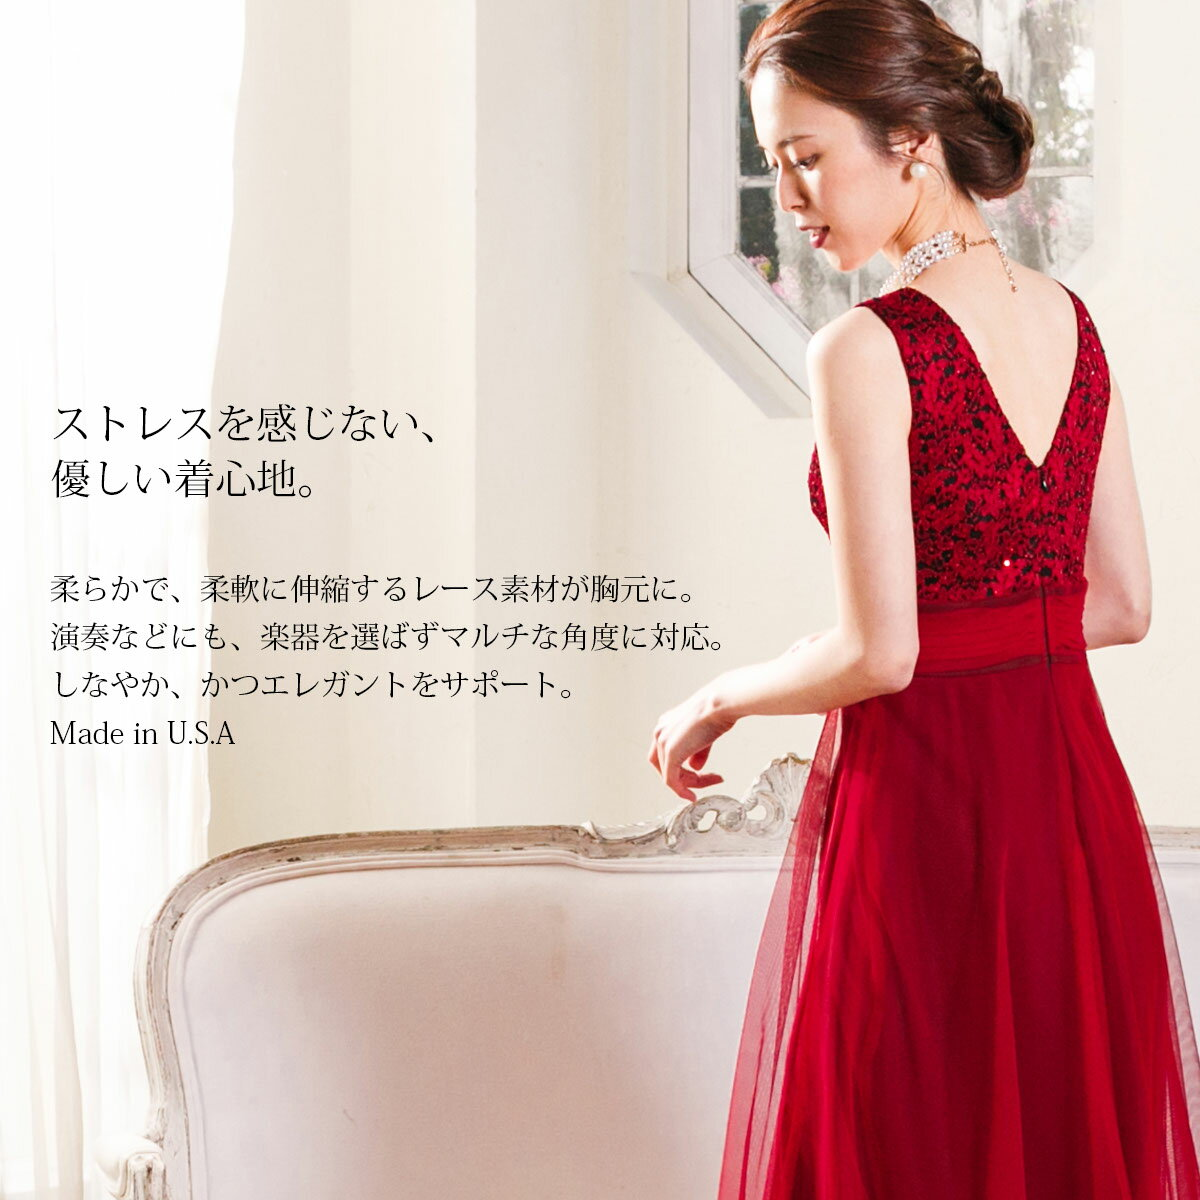 チュールAラインロングドレス演奏会発表会ステージドレス大きいサイズ赤黒青シャンパン